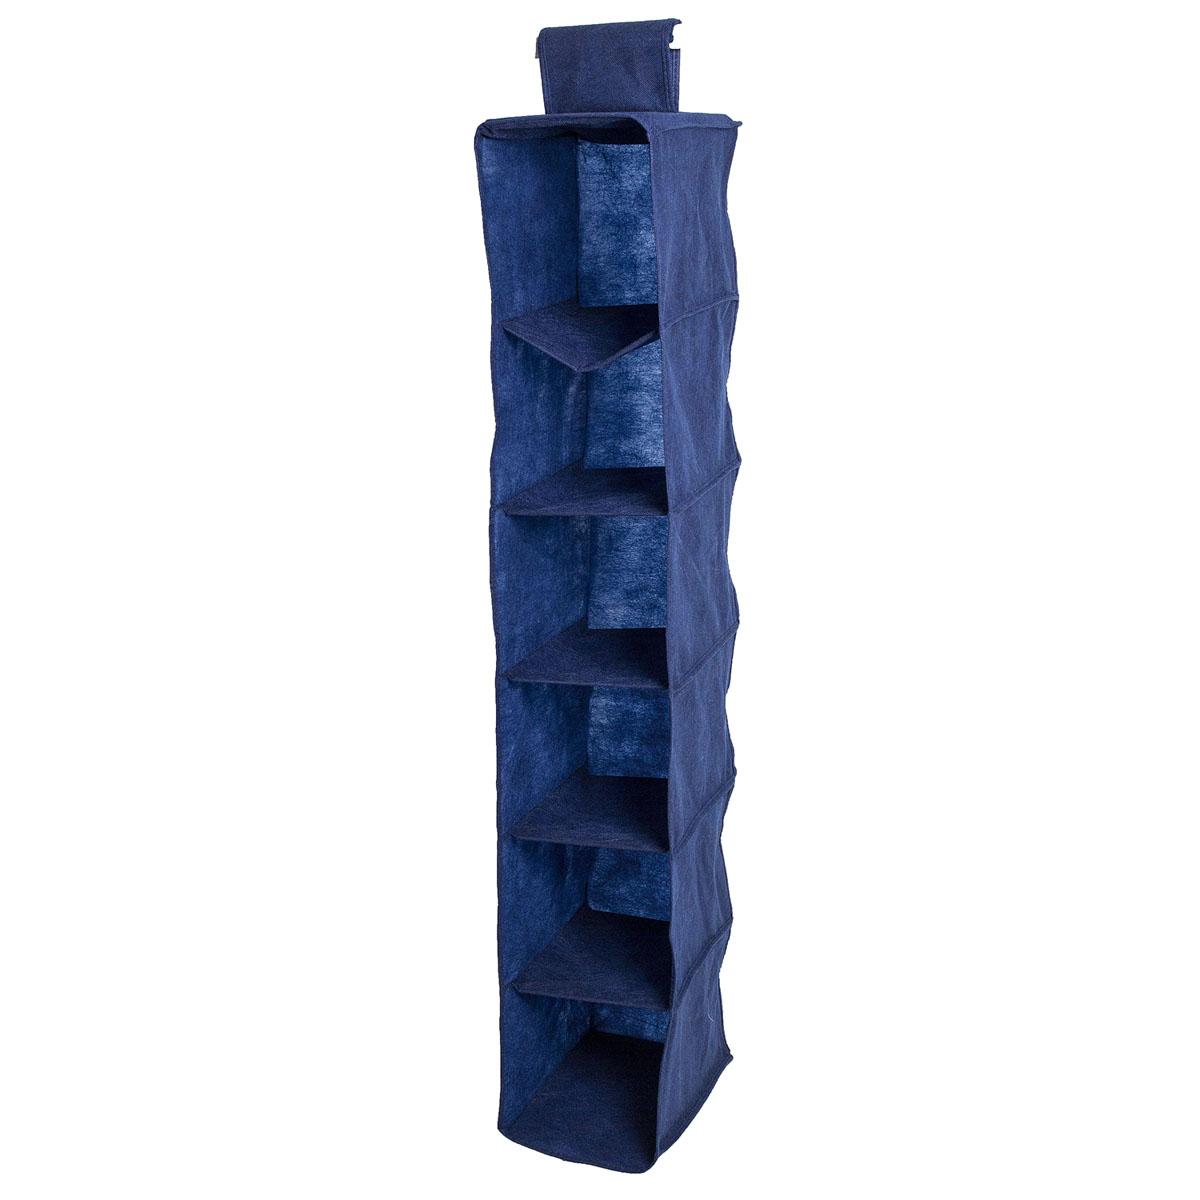 Органайзер подвесной Homsu Bluе Sky, 6 полок, 30 х 20 х 120 см6113MПодвесной органайзер Homsu Bluе Sky выполнен из прочного полиэстера - материала, который отличается прочностью, водоотталкивающими свойствами и практичностью. Изделие имеет 6 полок для хранения различных предметов, в том числе одежды, детских игрушек. Органайзер подвешивается к карнизу, рейлингу, стальным трубам и крепежам с помощью специальной петли. Размер полки: 30 х 20 см.